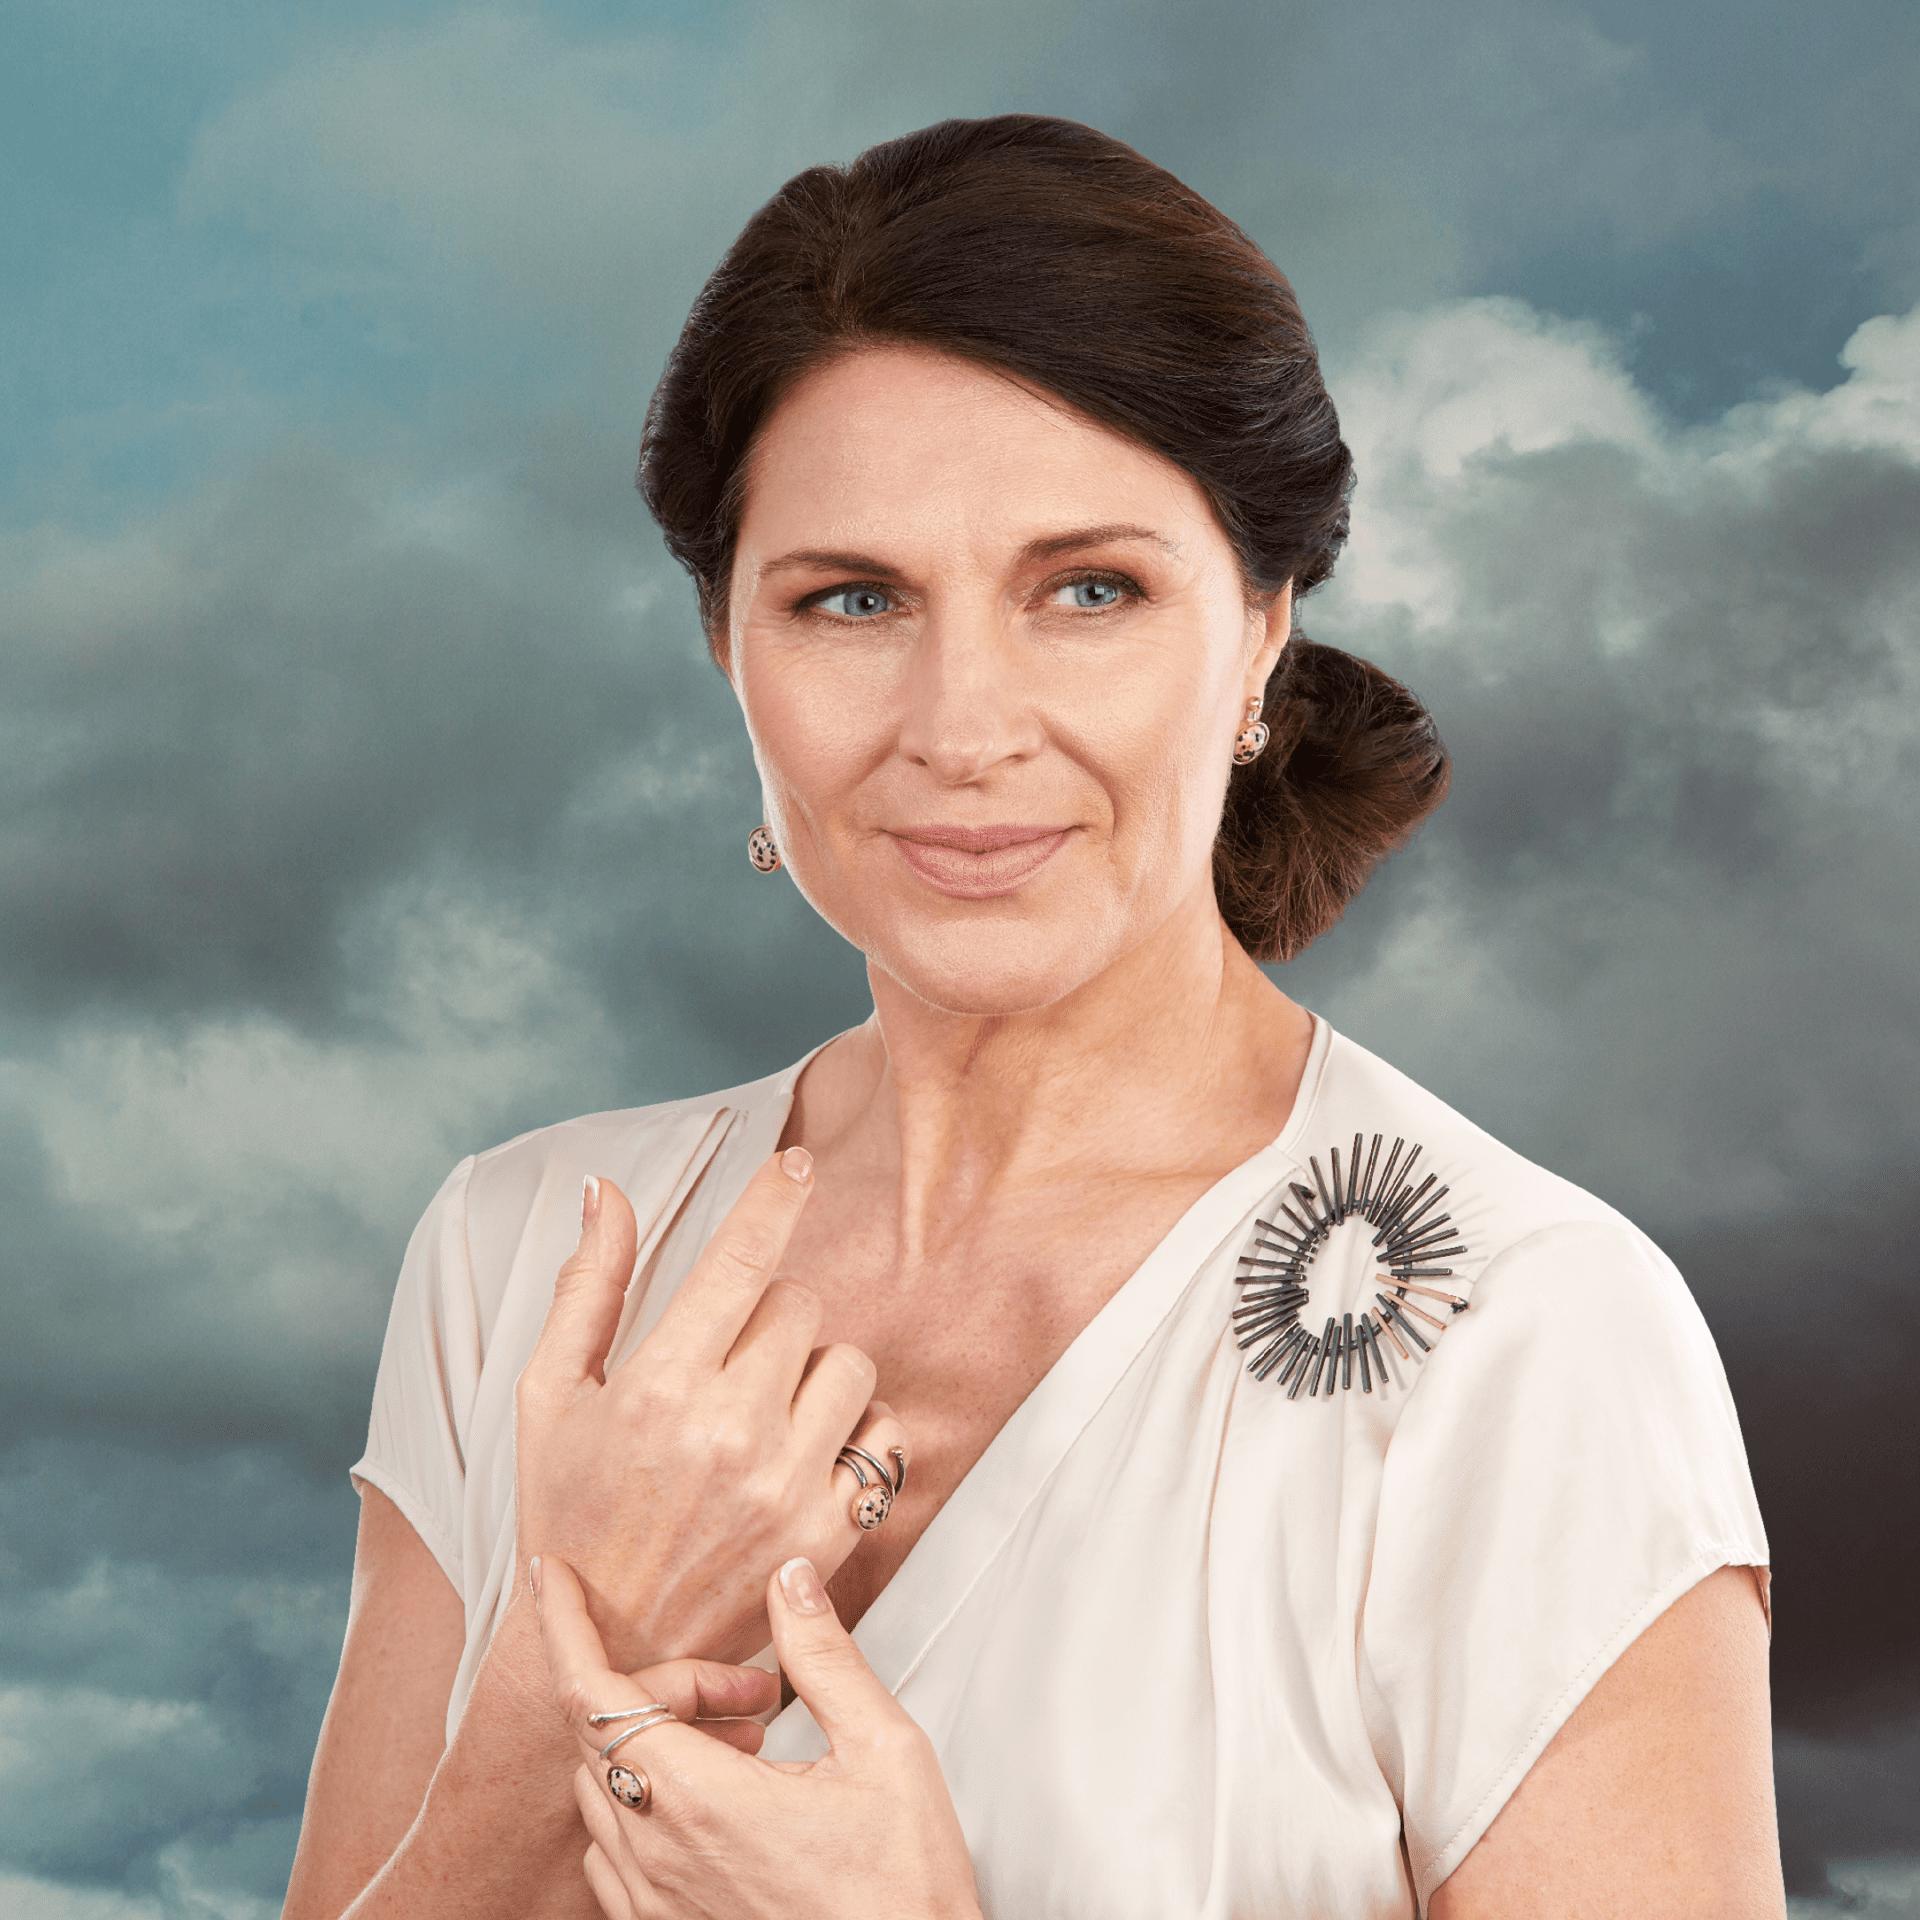 Pernille Müller - SVEJ ring og øreringe med dalmatiner Jasper og STRÅLE broche i oxideret sølv med guld stråler og himmelbaggrund